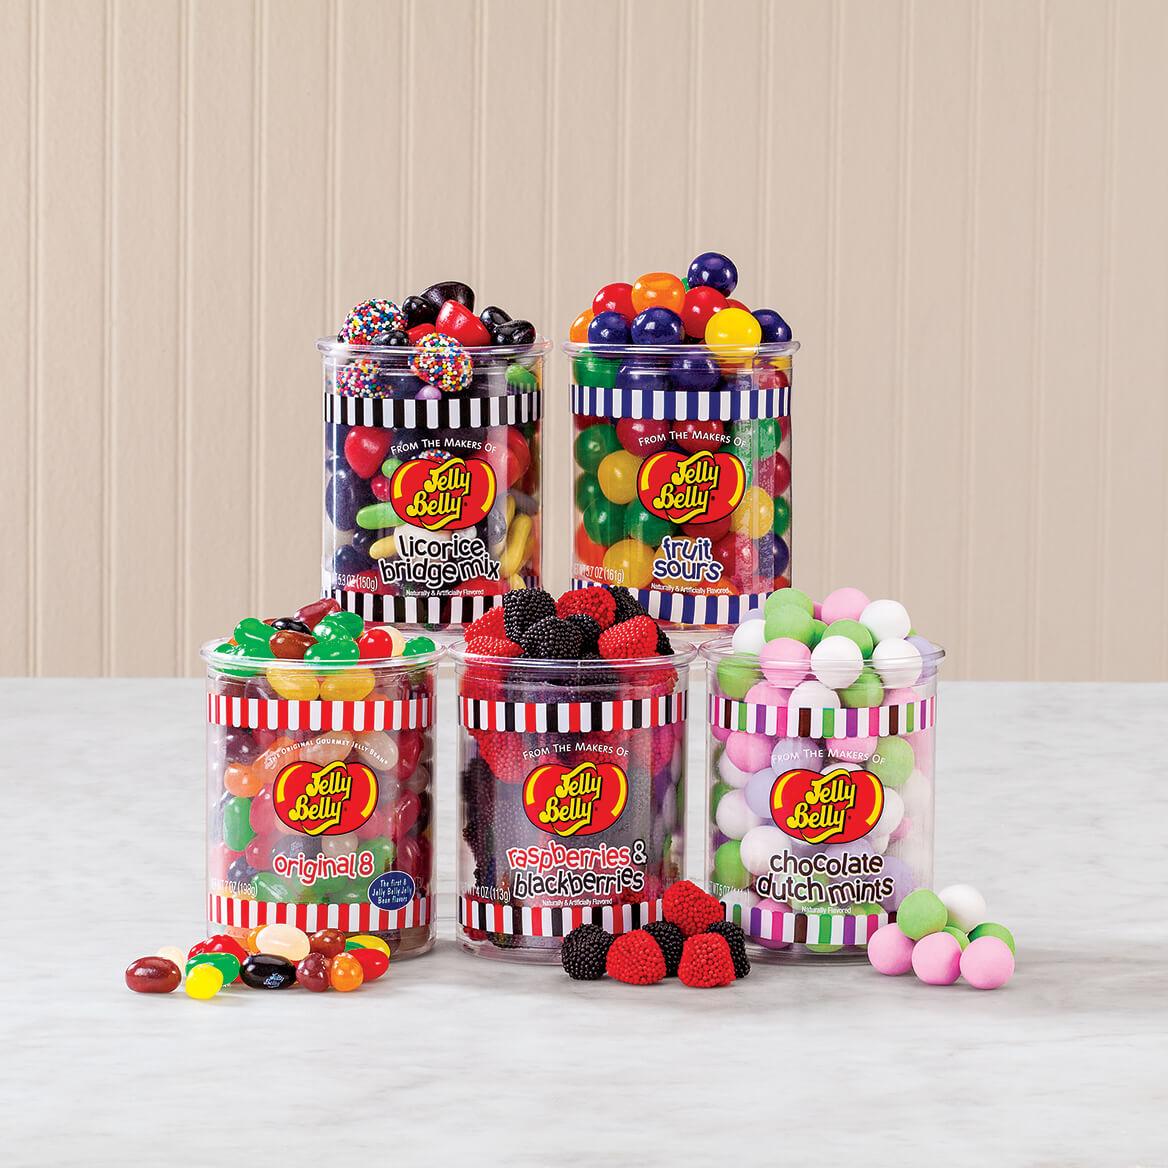 Jelly Belly® Rasberries & Blackberries, 4 oz.-368014